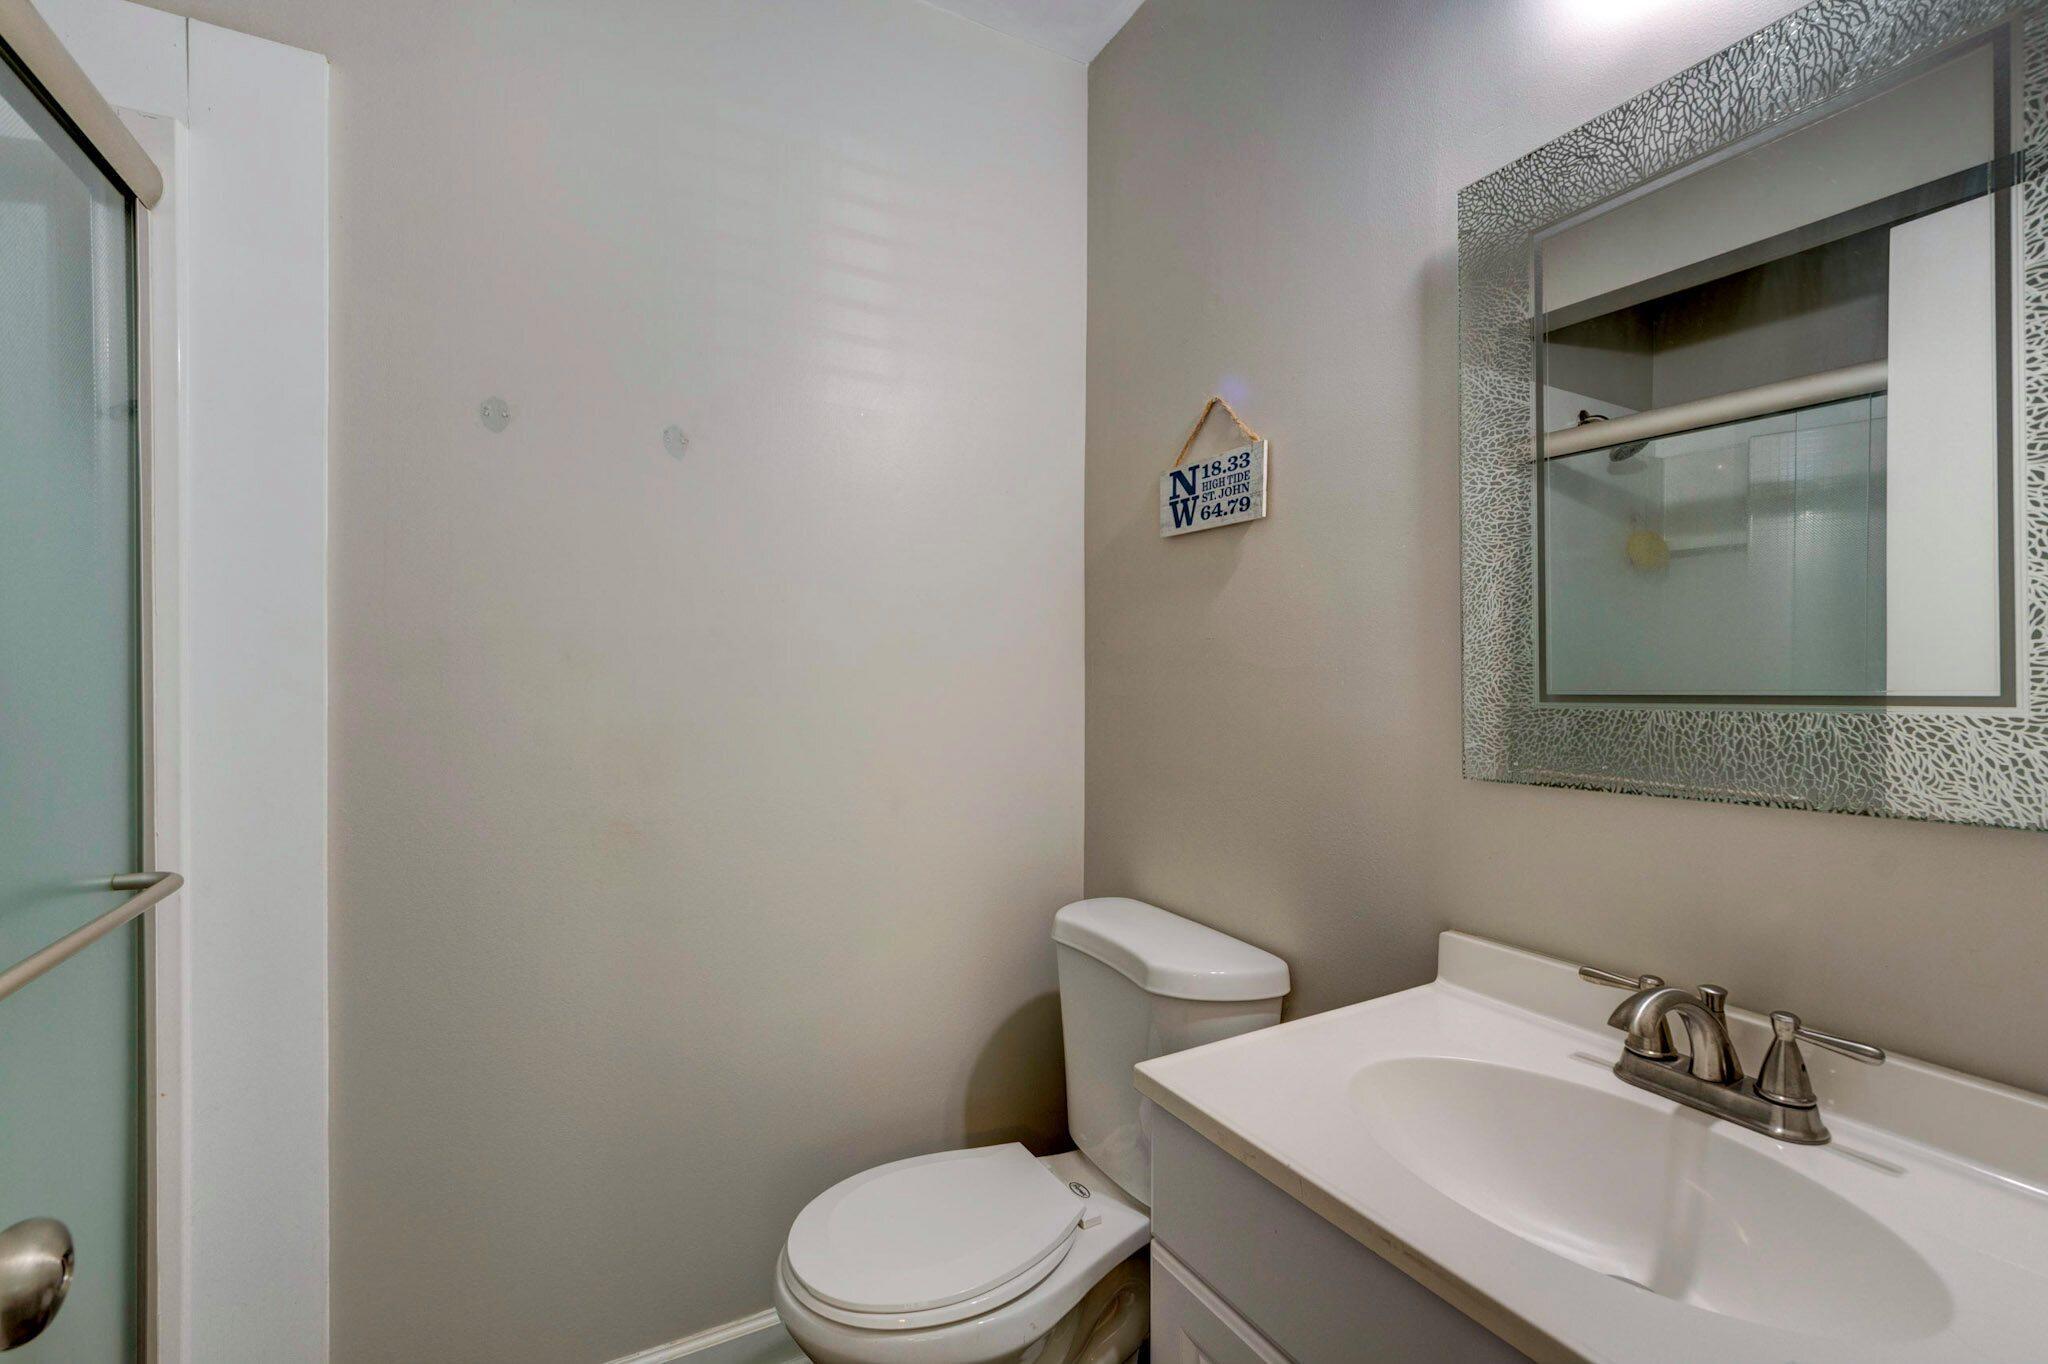 Clarks Point Homes For Sale - 1257 Julian Clark, Charleston, SC - 3